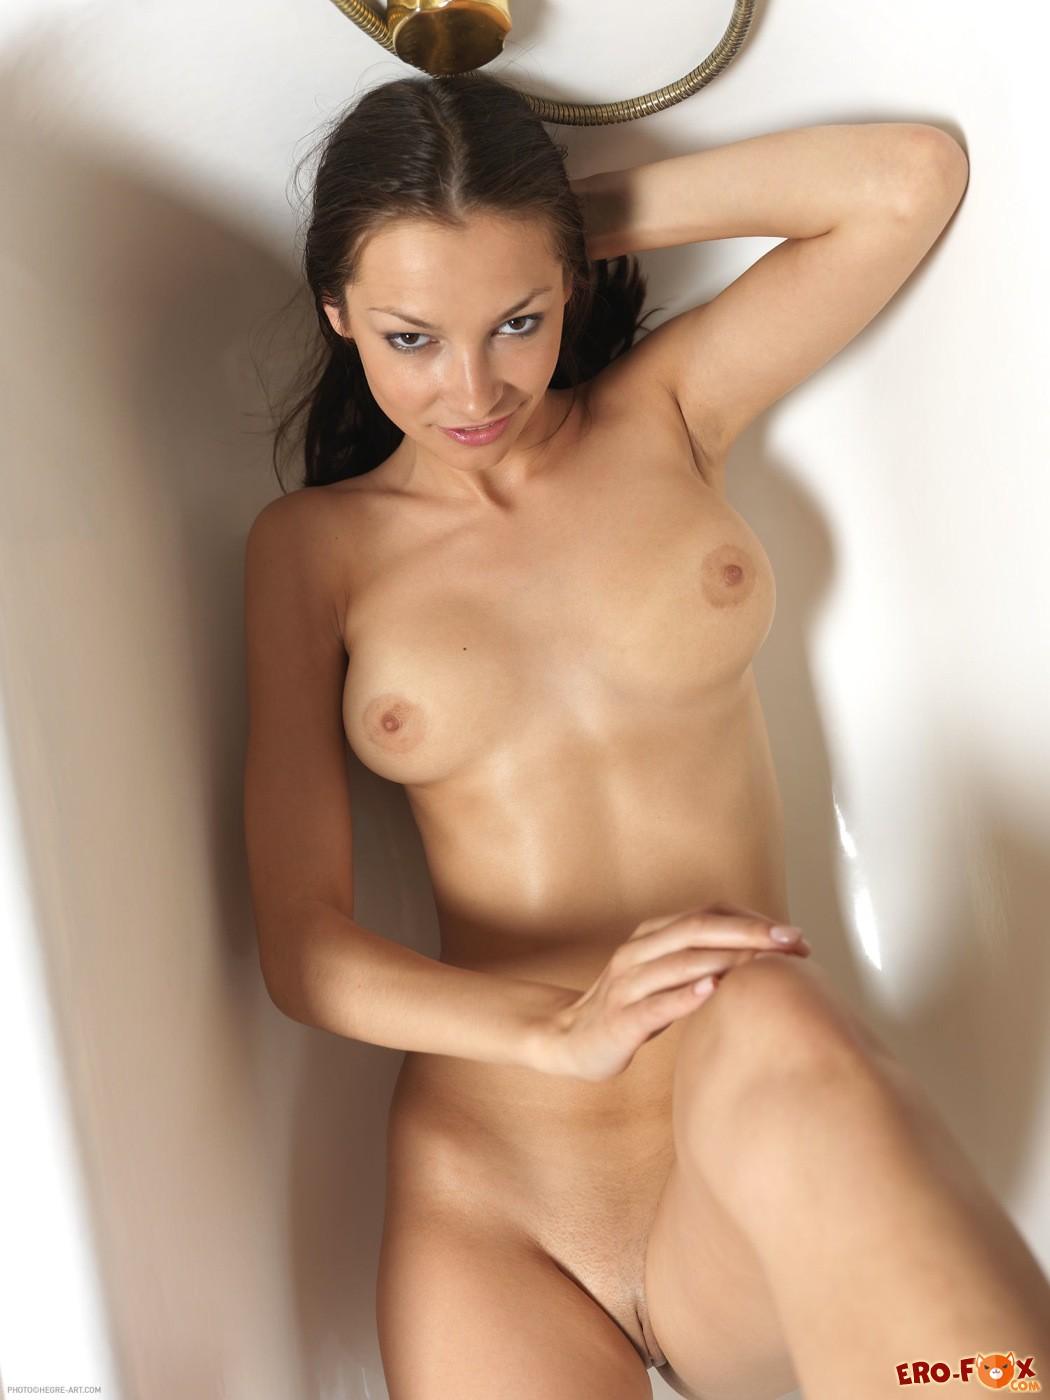 Сексапильная голая девушка в пустой ванне - фото